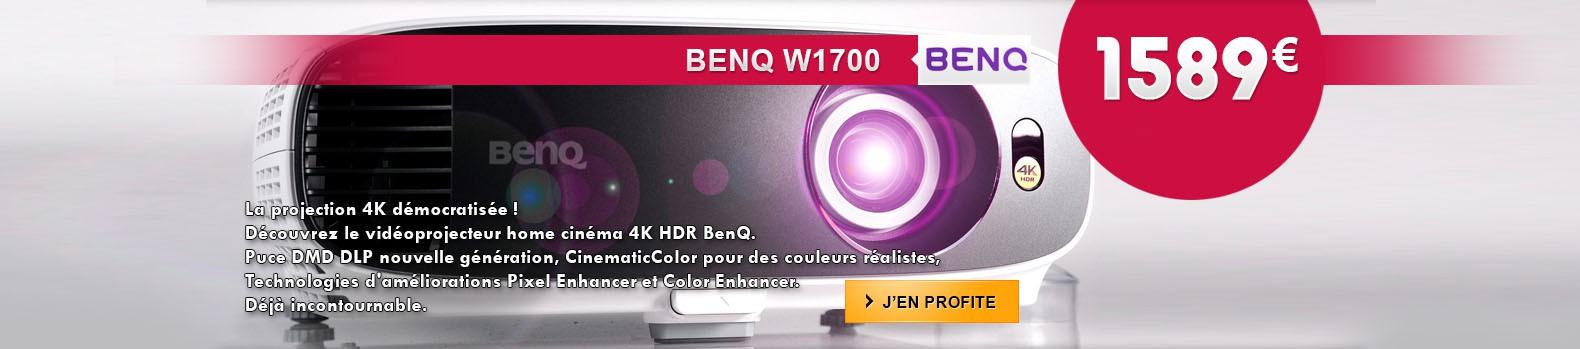 Nouveau projecteur 4K BenQ W1700